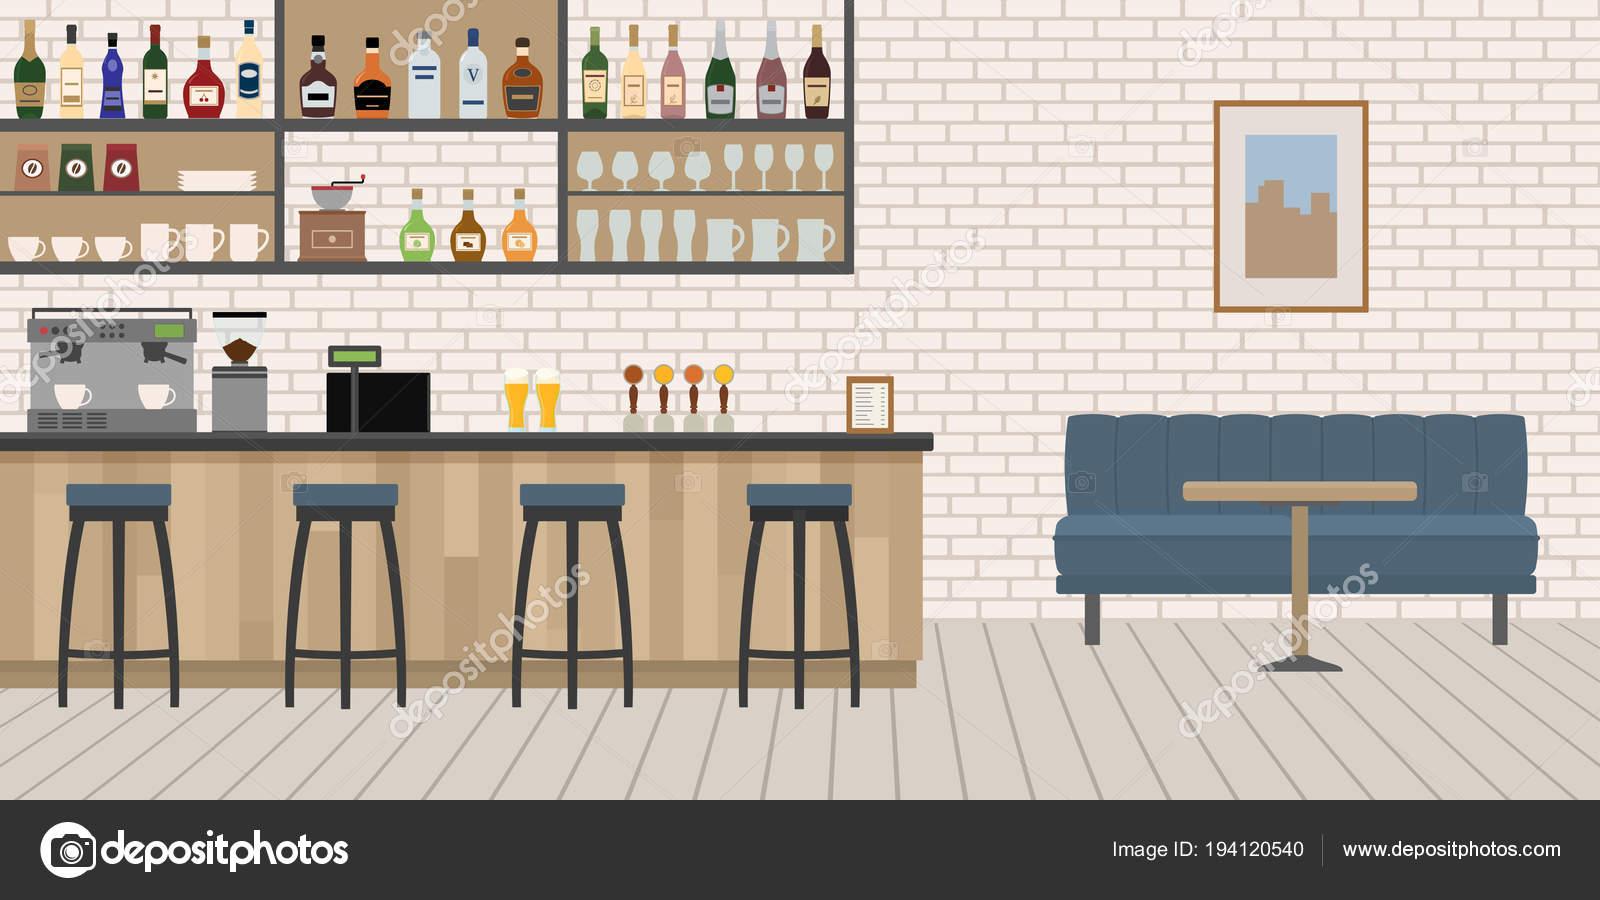 Leer Cafe Bar Einrichtung Mit Hölzernen Theke Stühle Und Ausrüstung